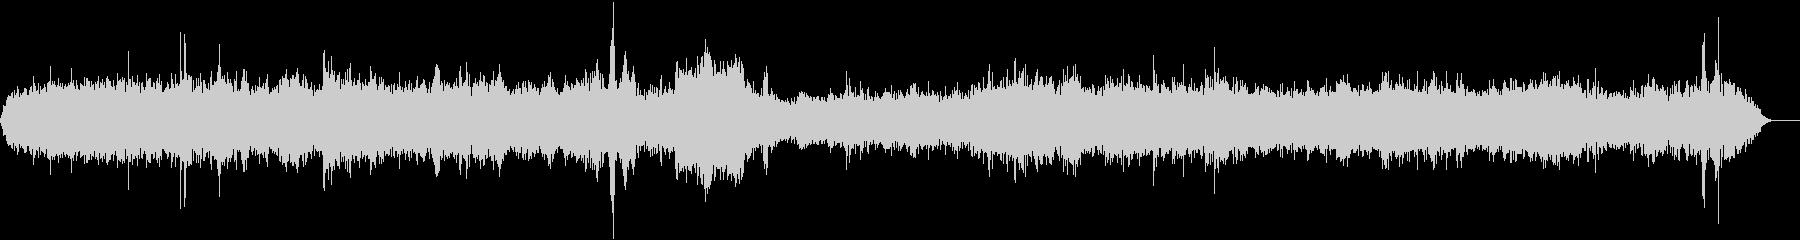 メトロプラットフォーム-電車-声の未再生の波形